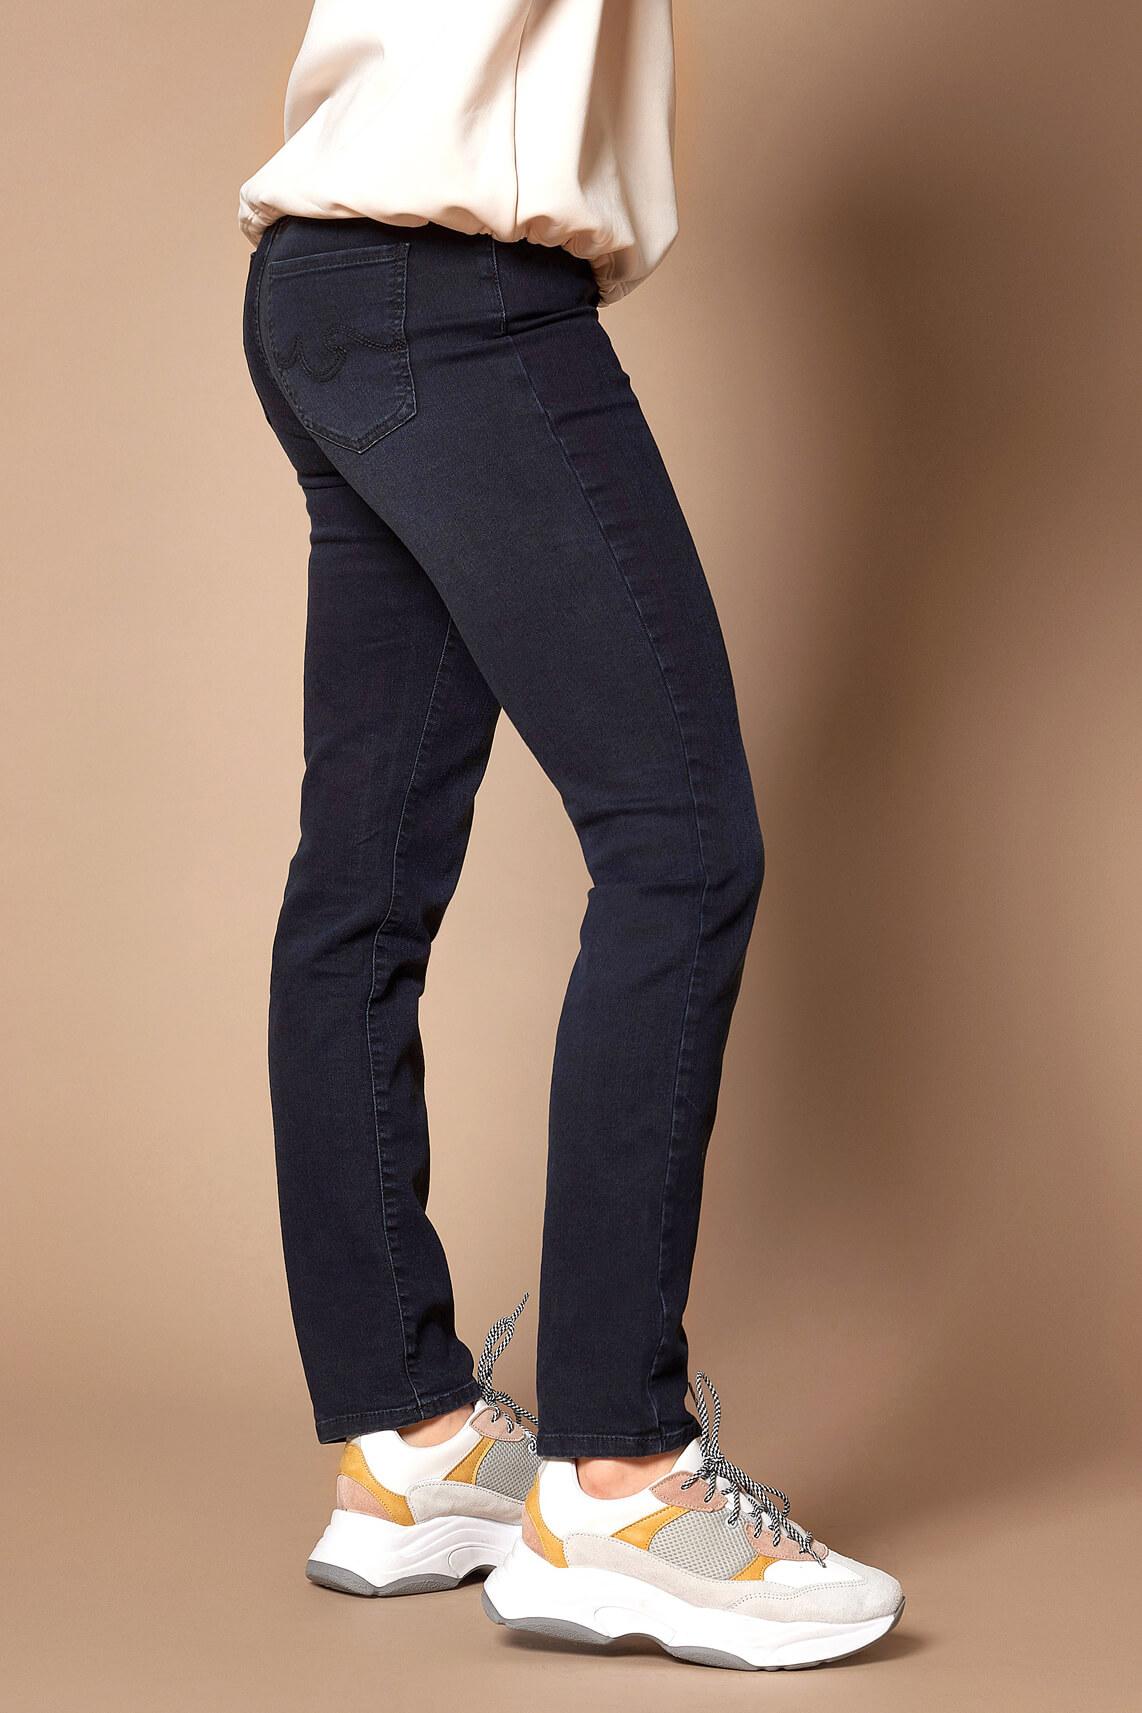 Rosner Dames L32 Audrey jeans Blauw